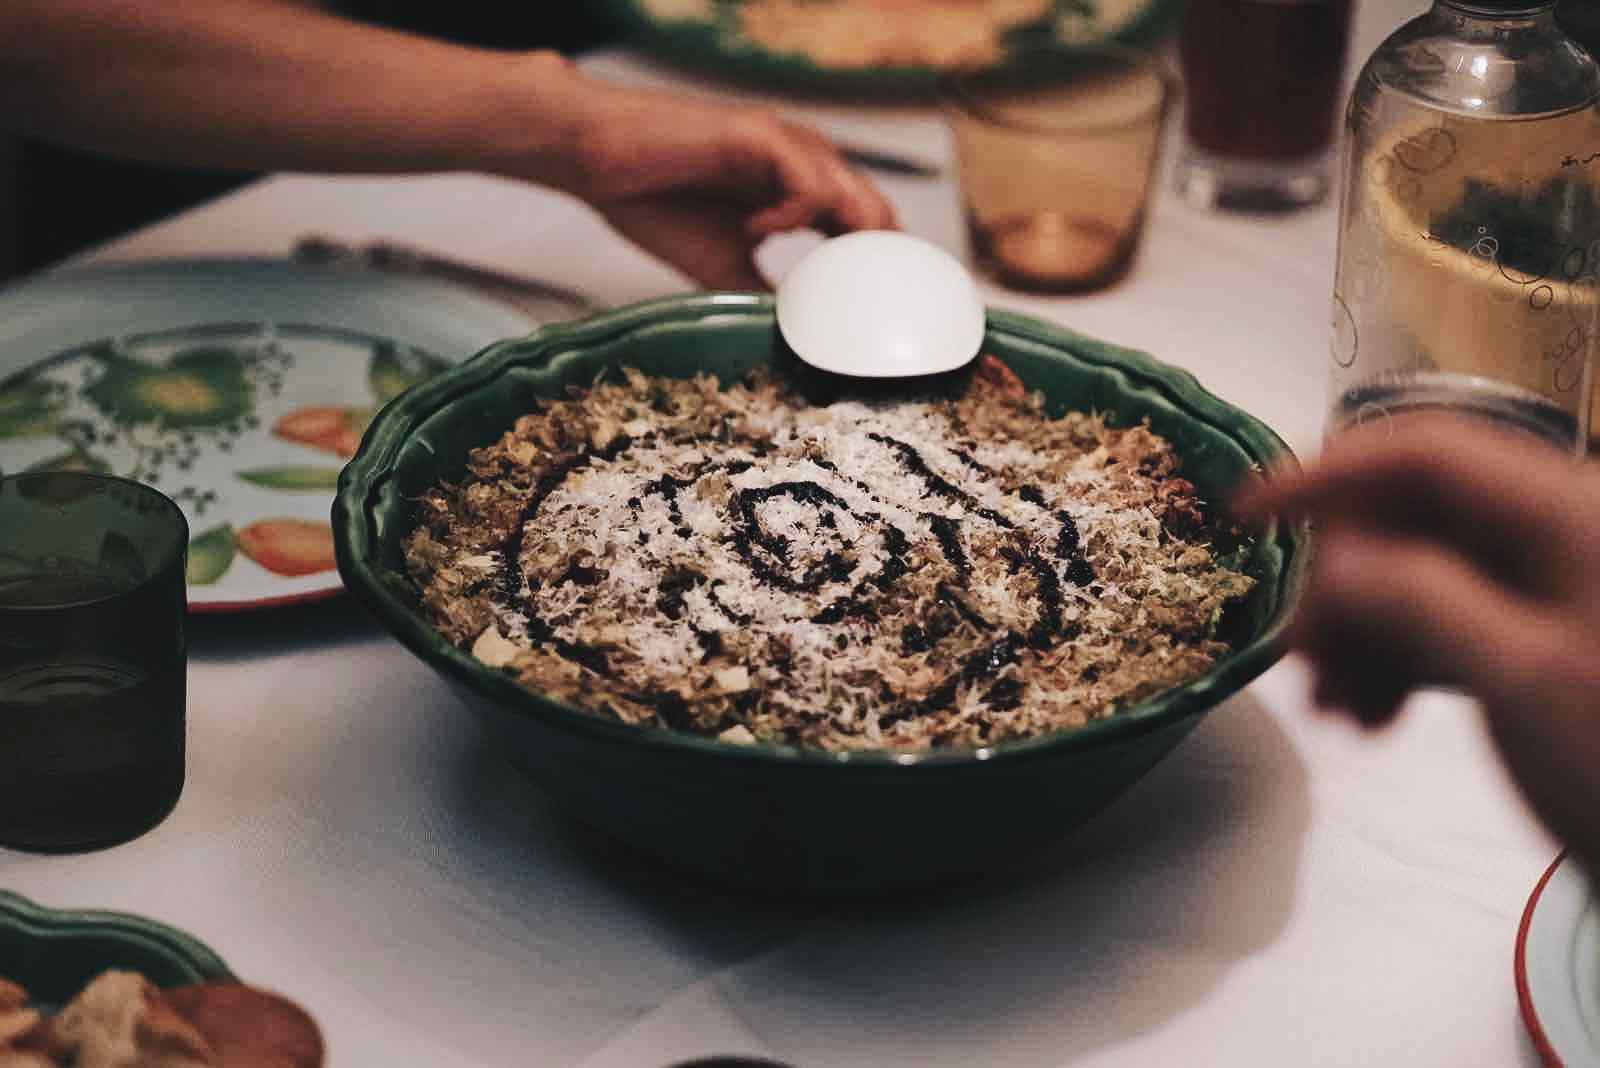 shredded-brussels-sprouts-balsamic-vinegar.jpg